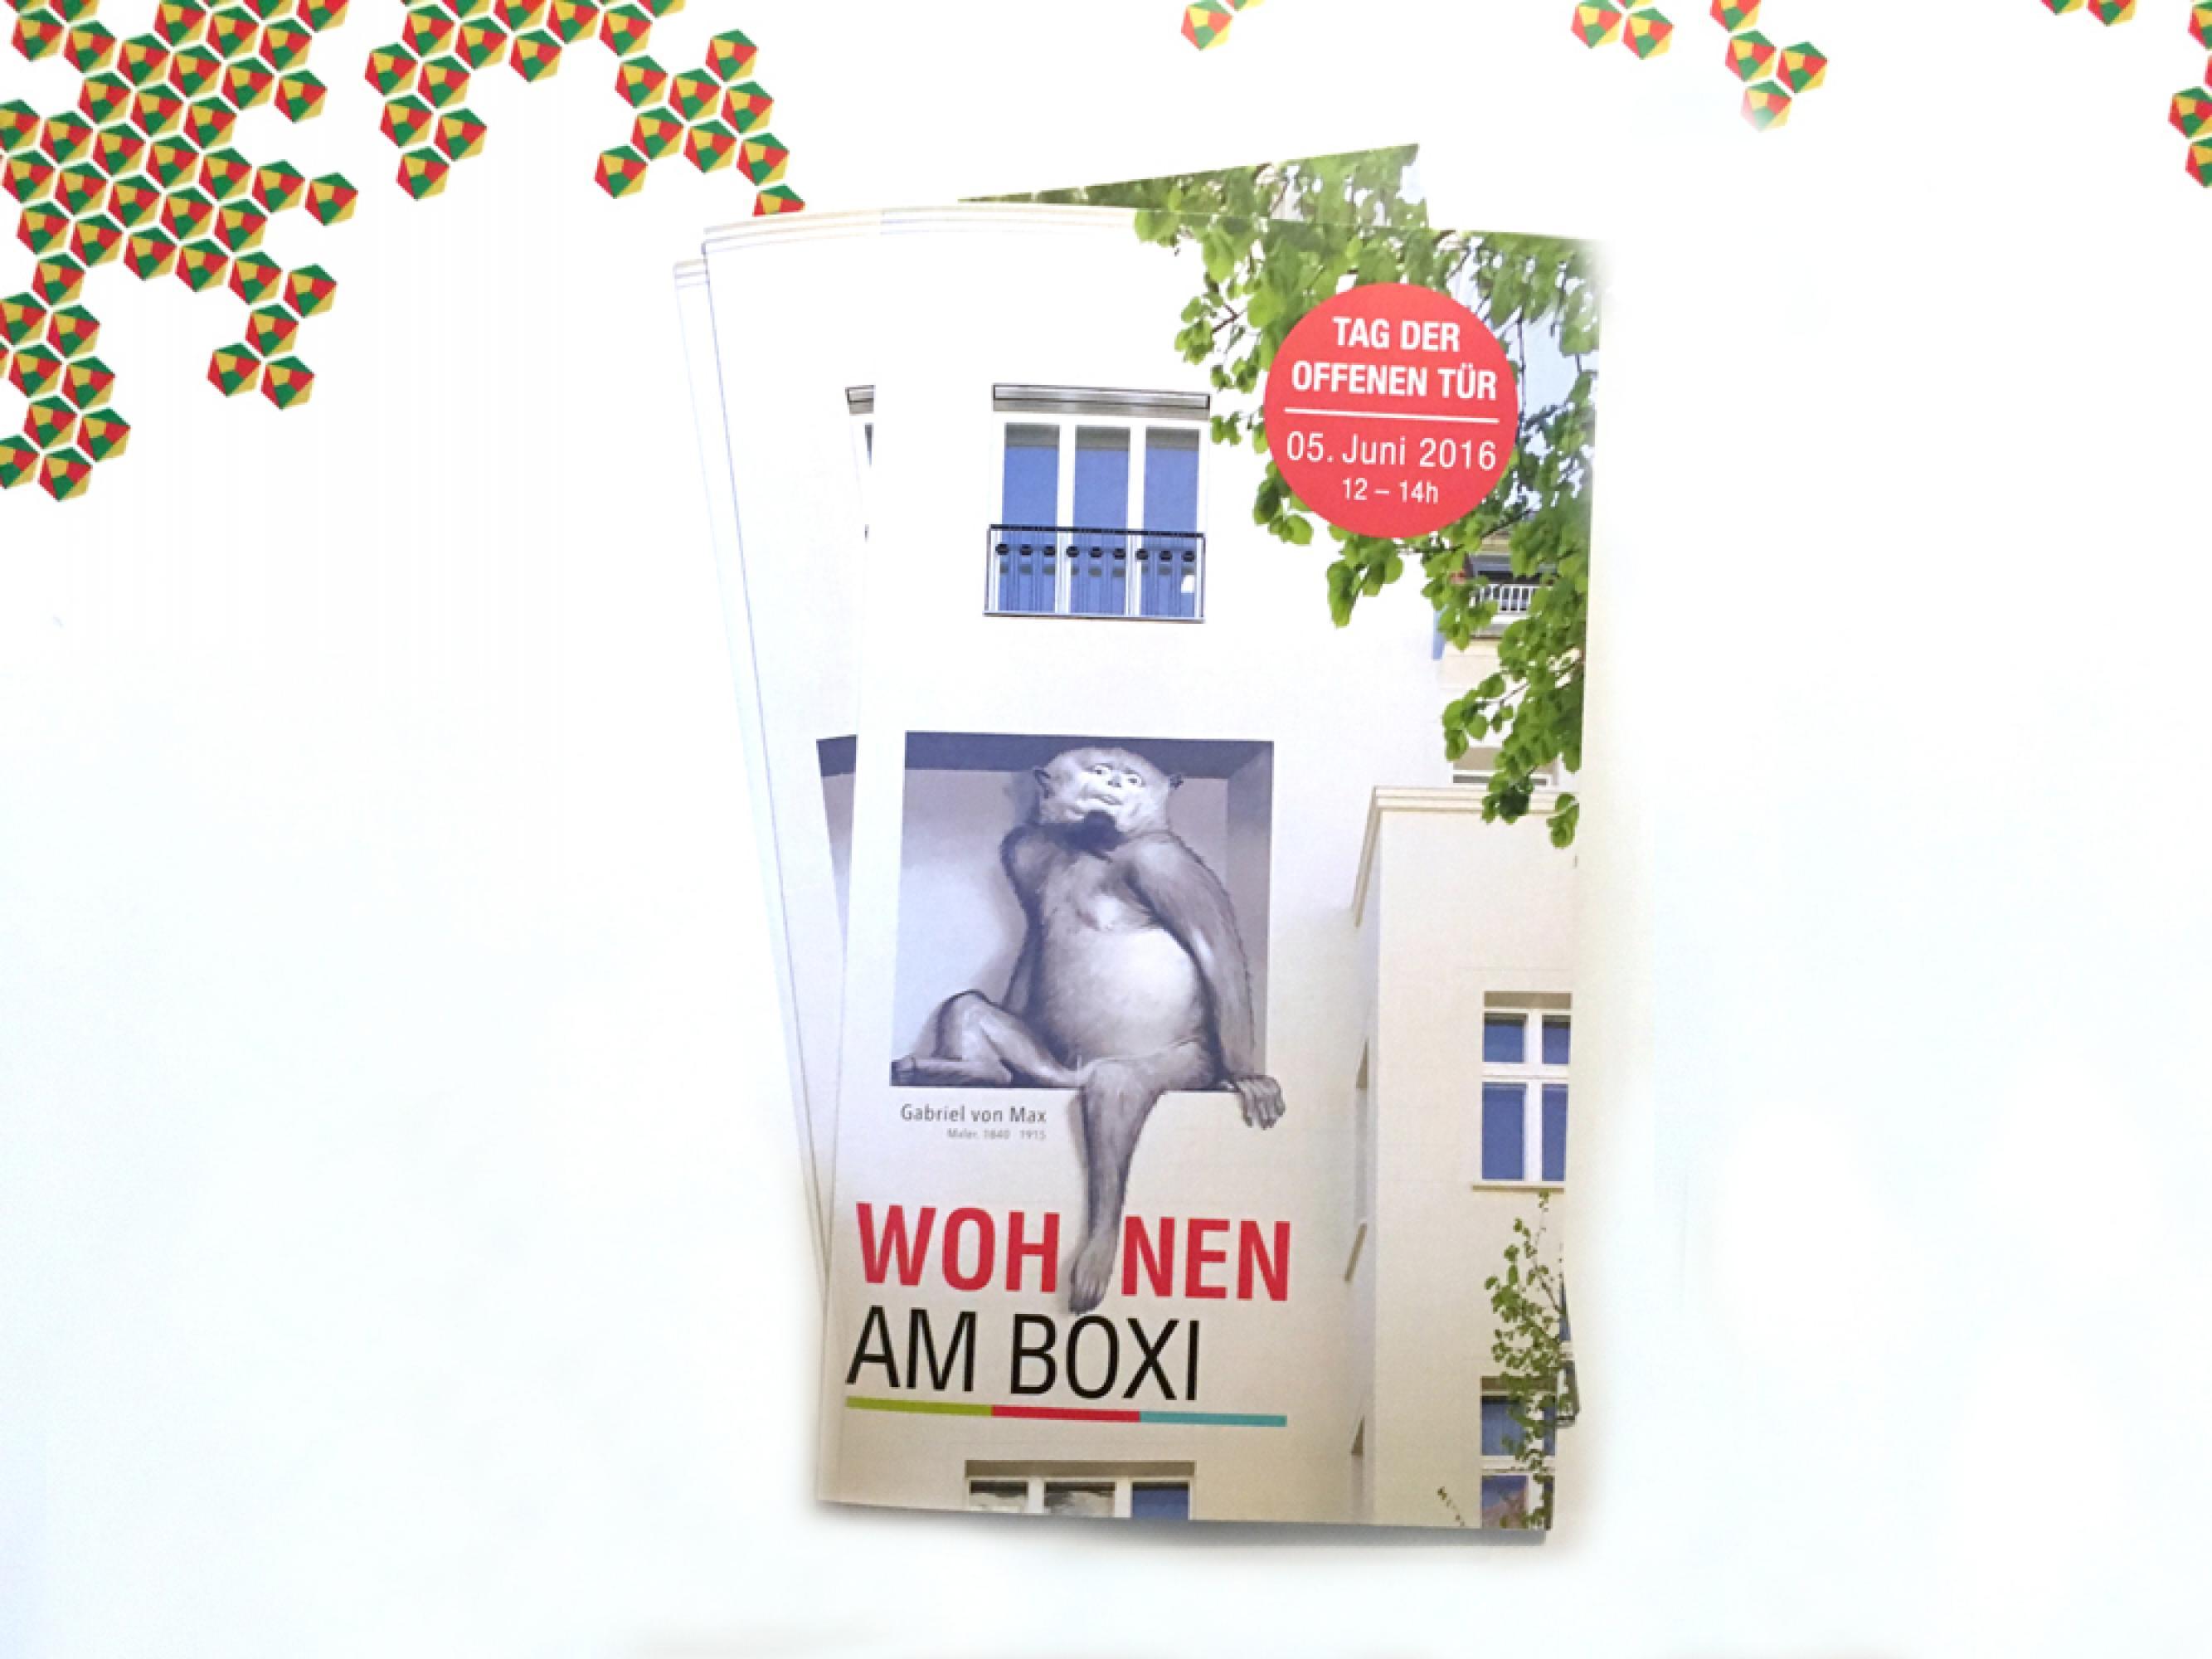 Vorschau-Bild: Am Boxi – Webseite und Faltblatt für eine Immobilie